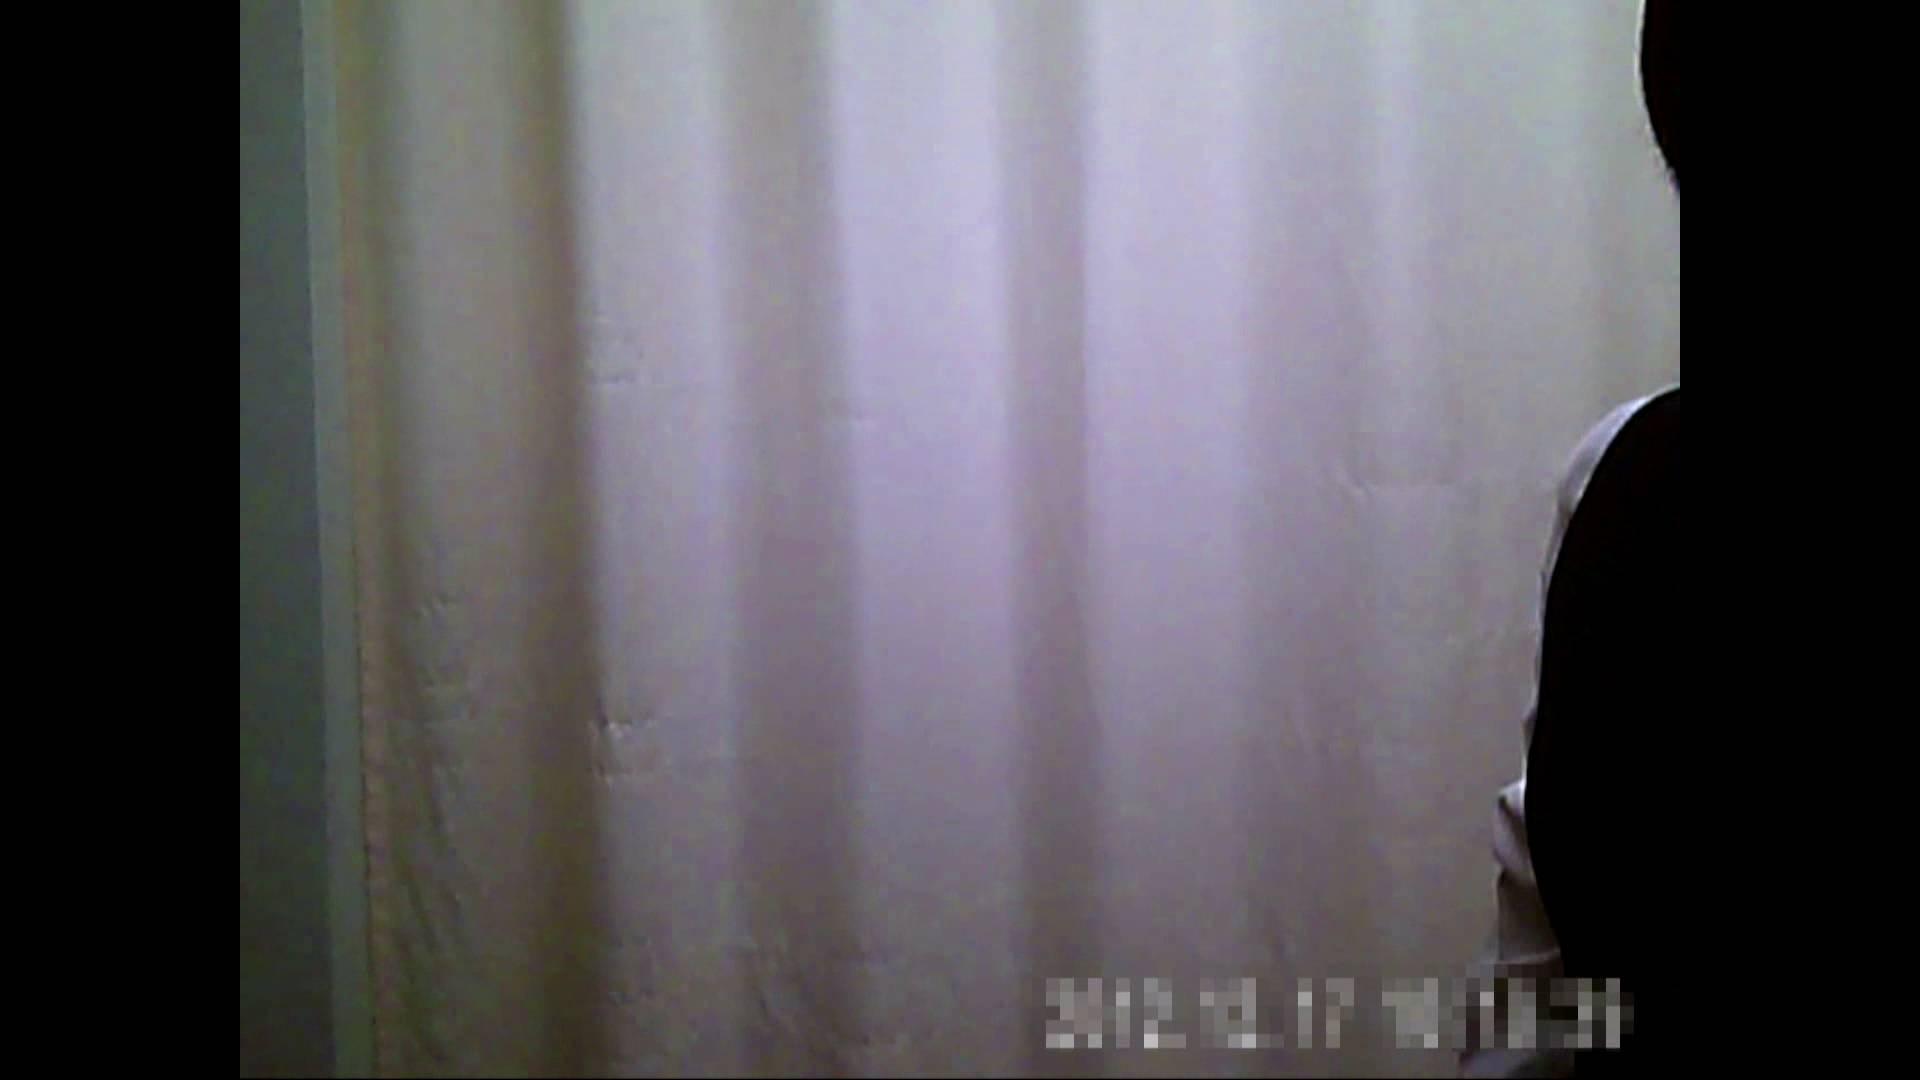 元医者による反抗 更衣室地獄絵巻 vol.117 OL  102pic 69